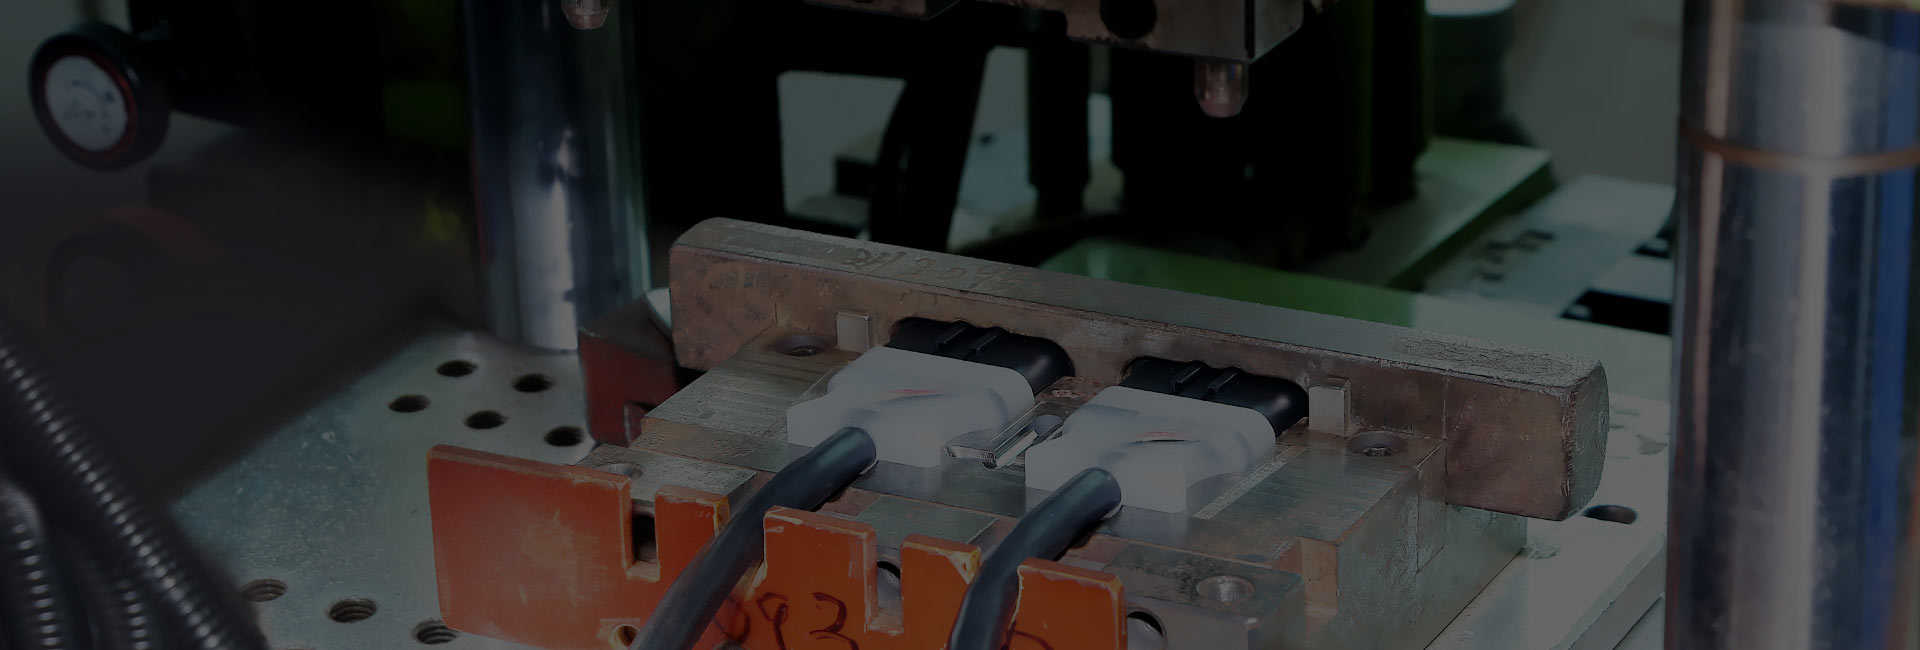 Diseñador y fabricante profesional de cables y conectores